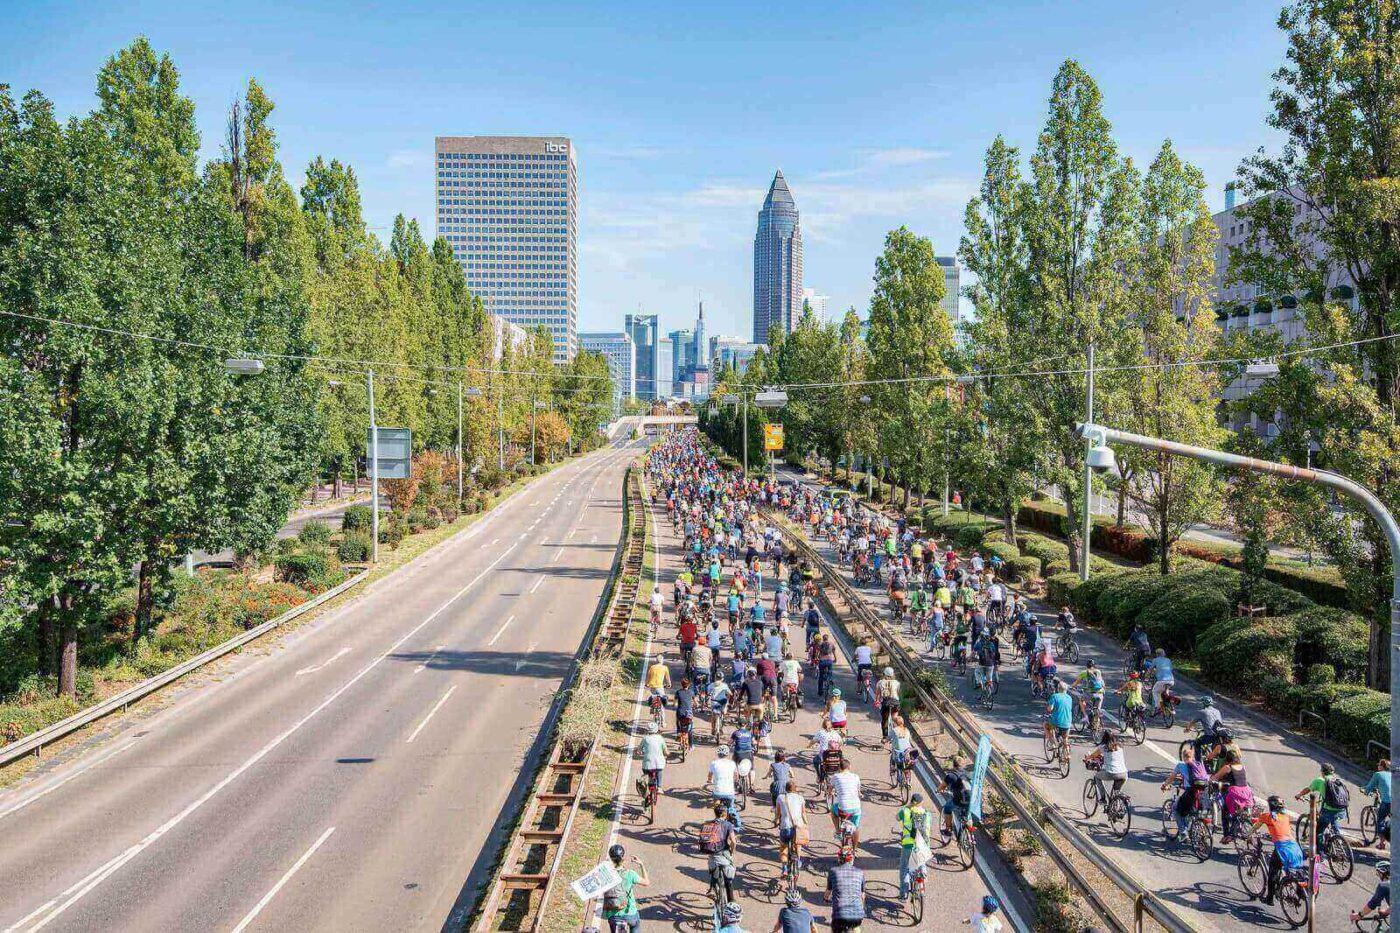 Tausende Radfahrer auf der Autobahn nach Frankfurt